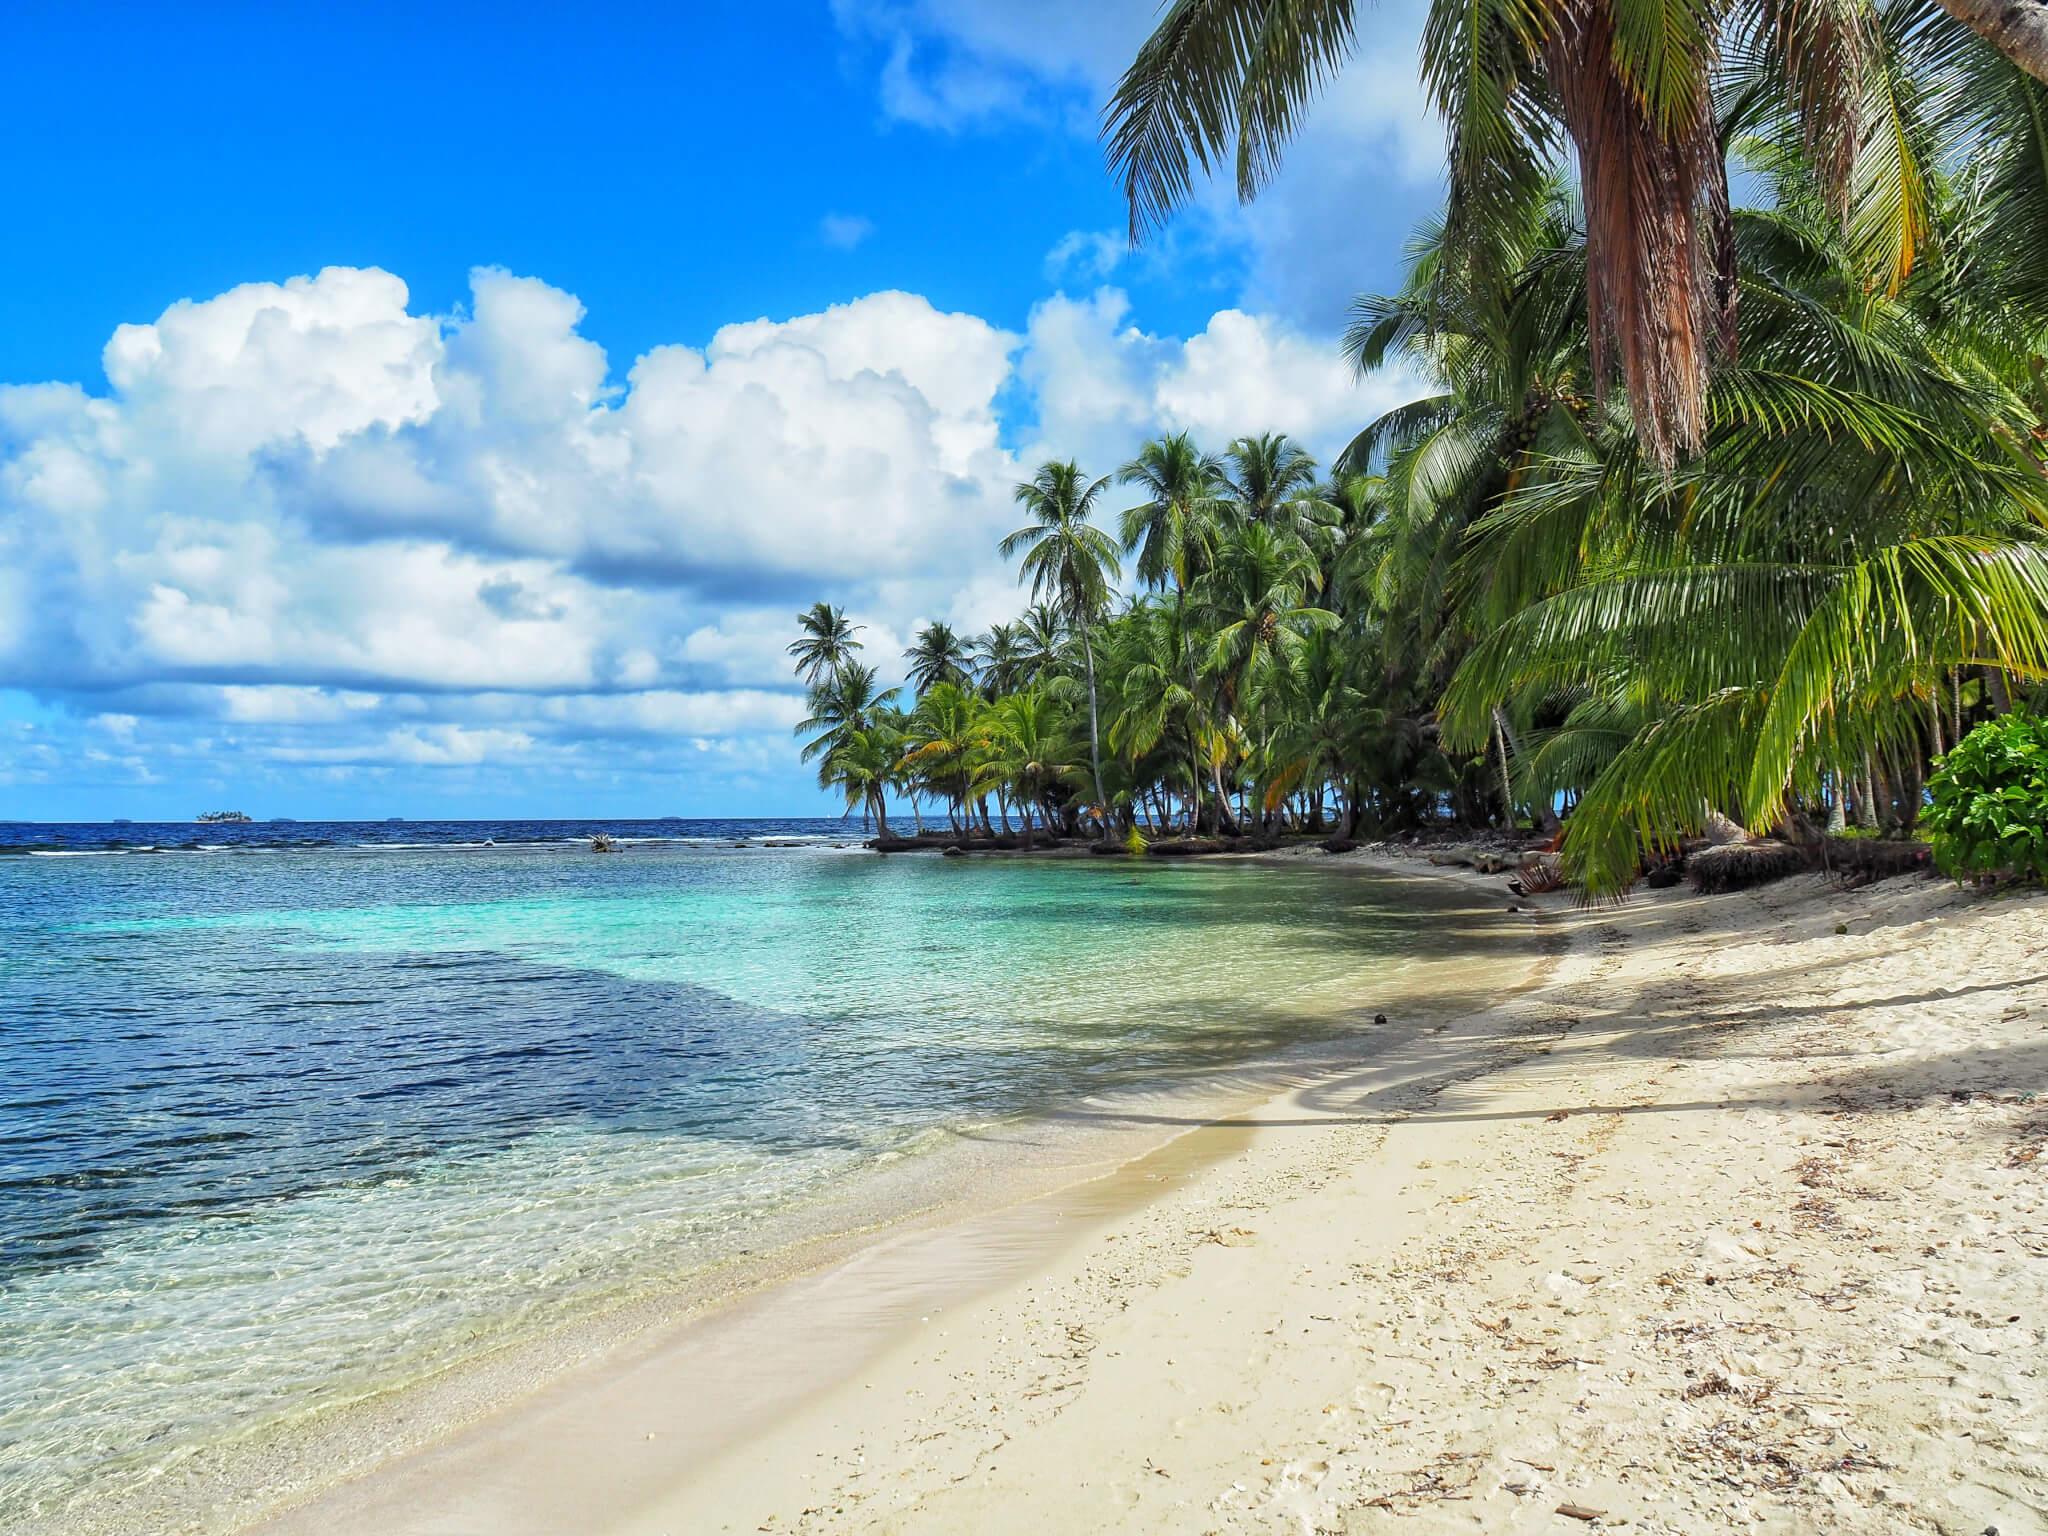 San Blas paradise